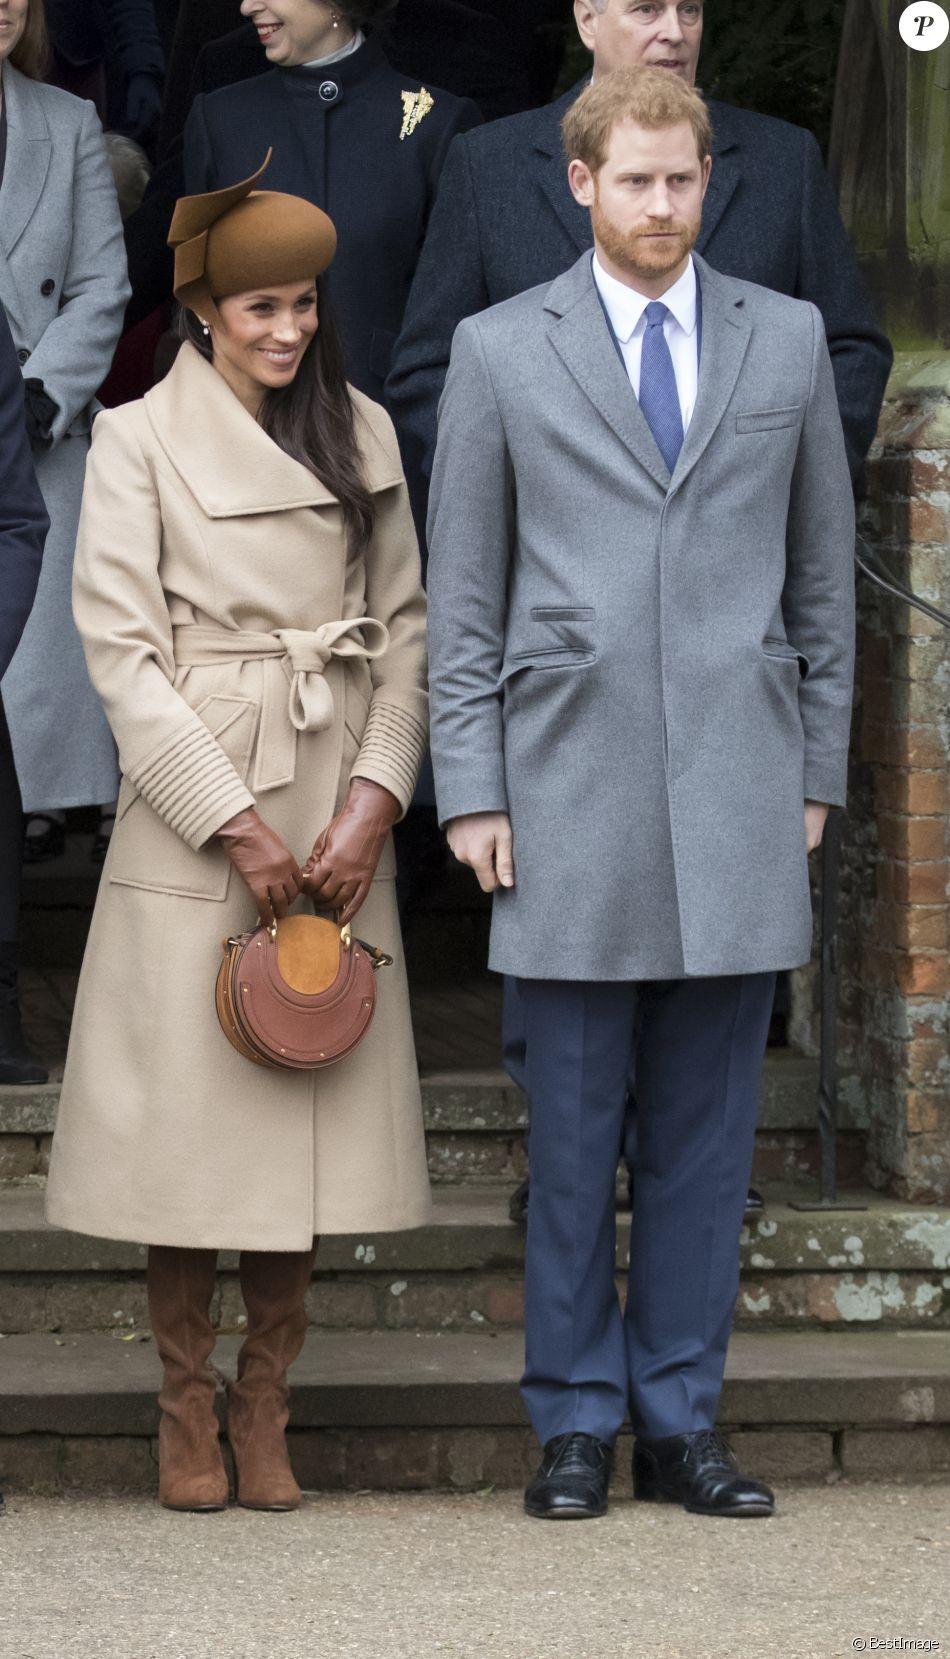 Meghan Markle avec le prince Harry et la famille royale britannique le 25 décembre 2017 lors de la messe de Noël à Sandringham dans le Norfolk.